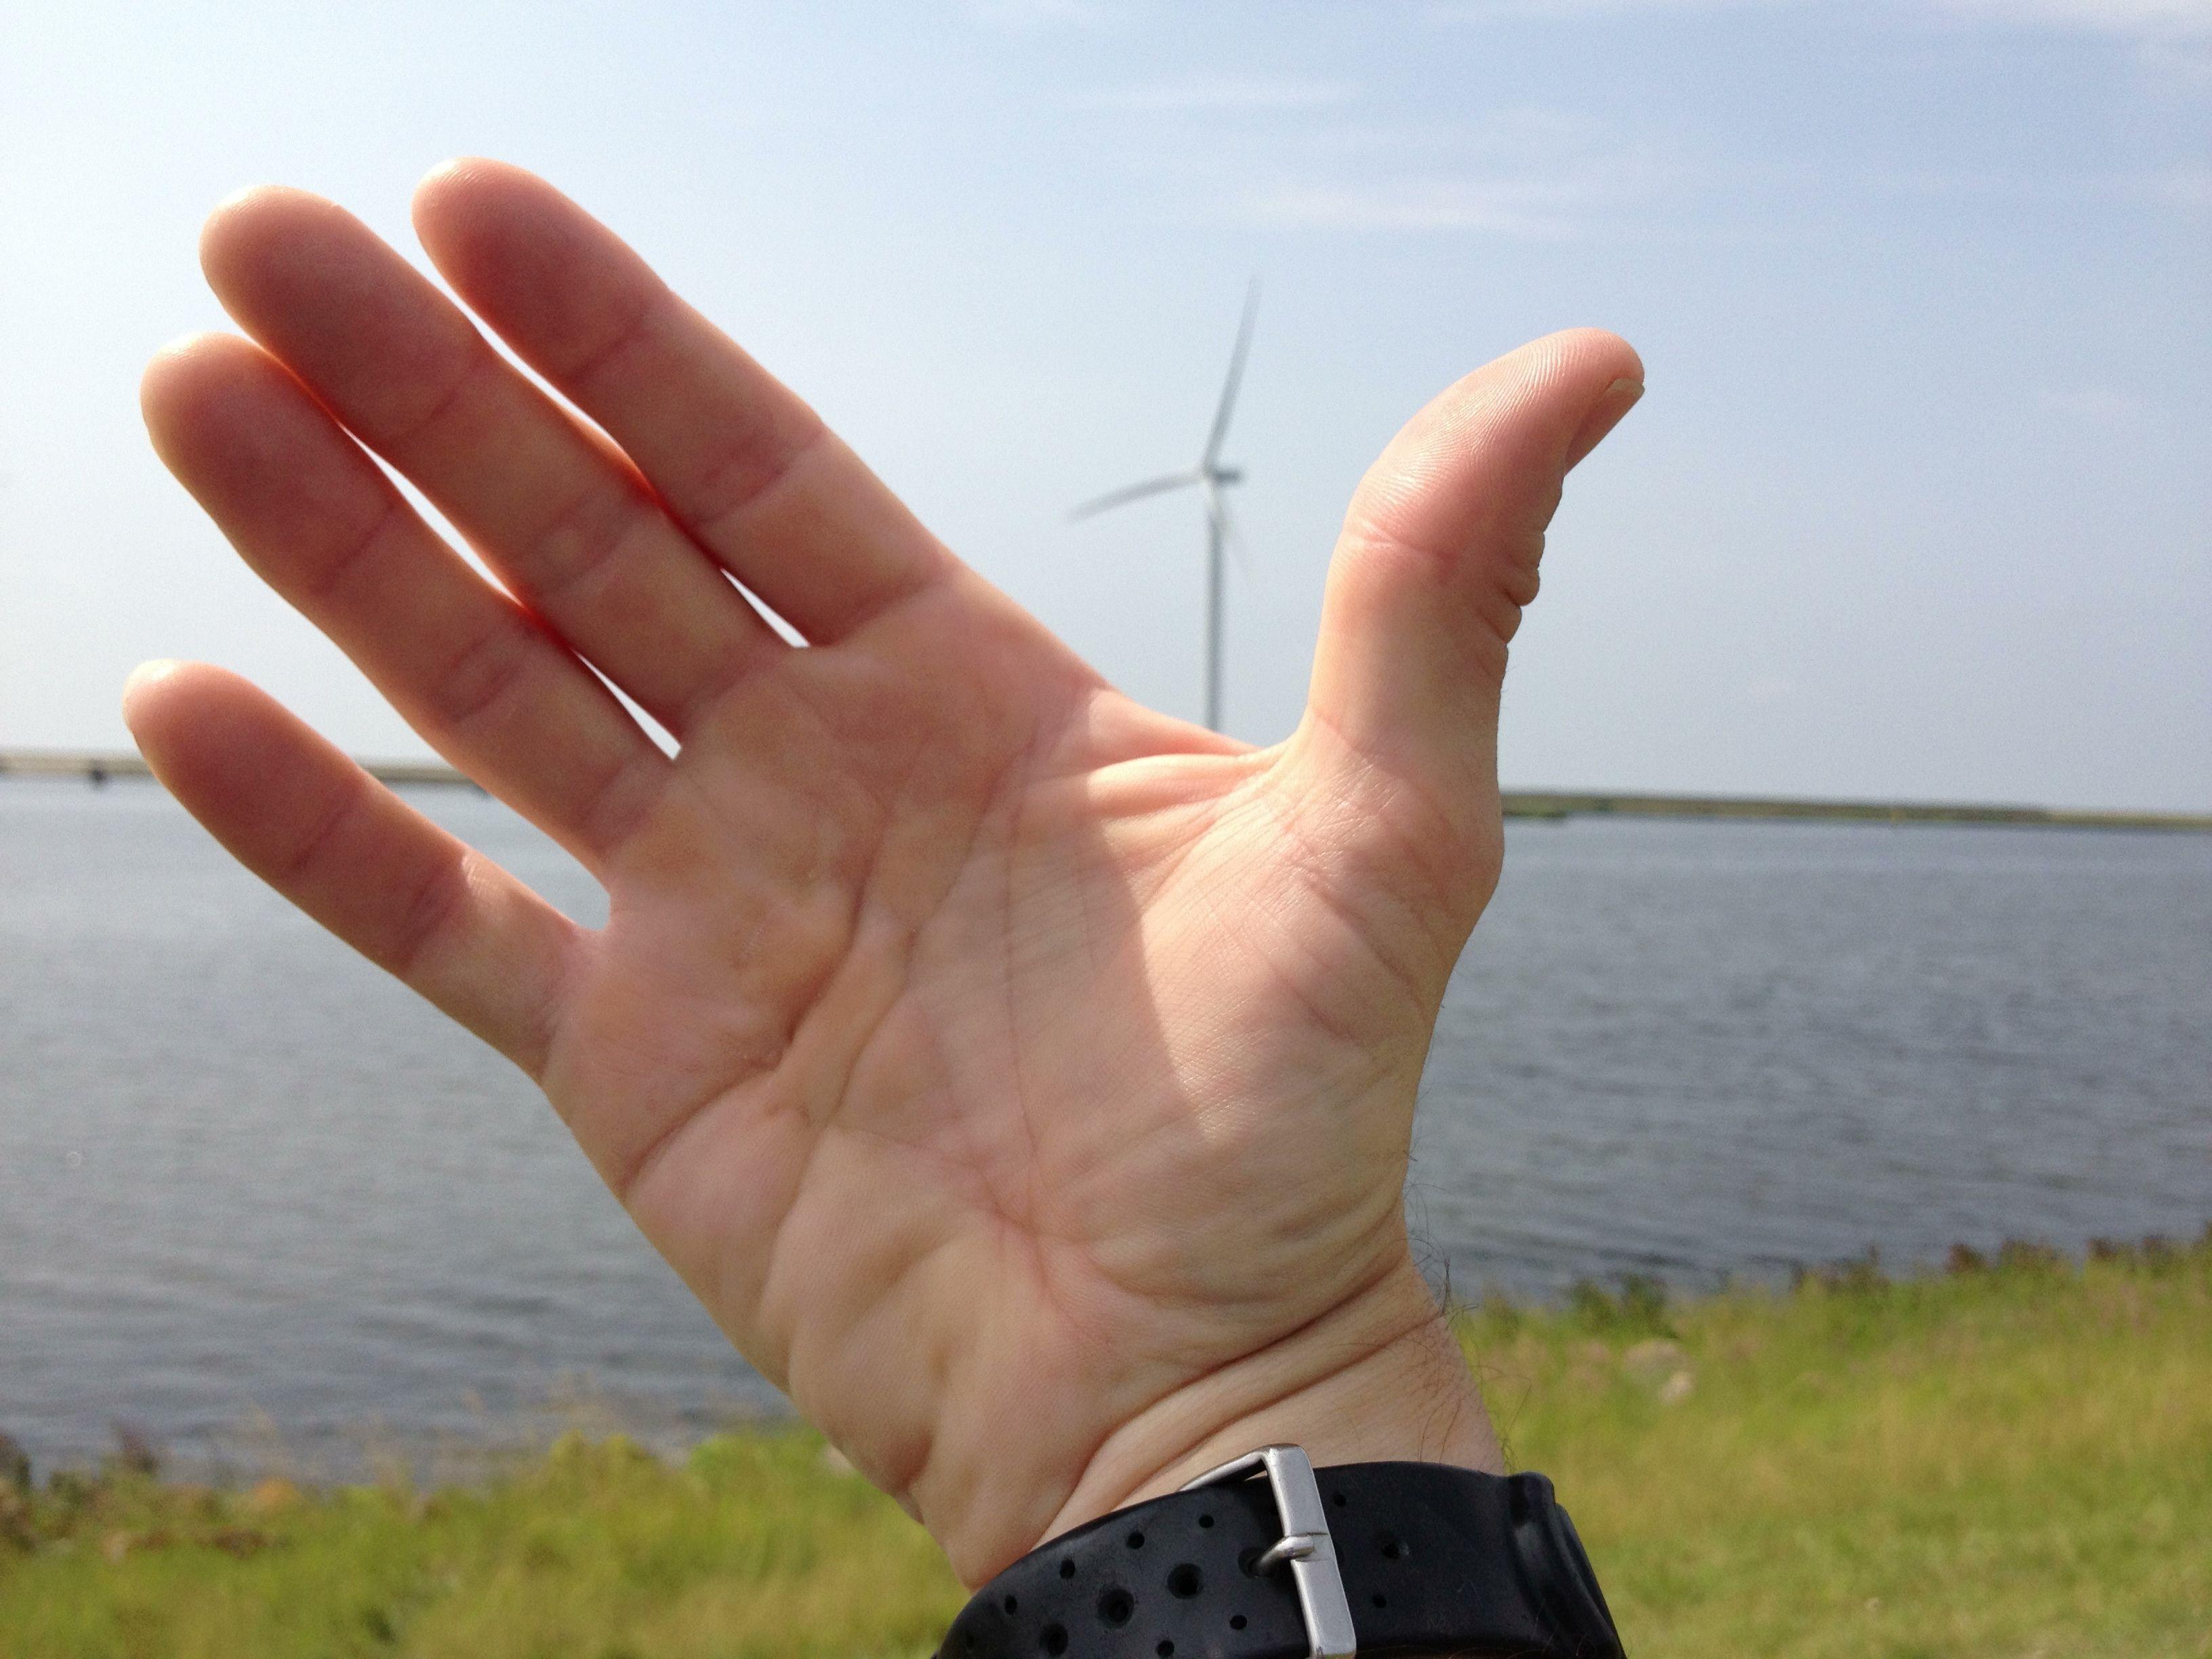 AndersKijken dag 5 Handen